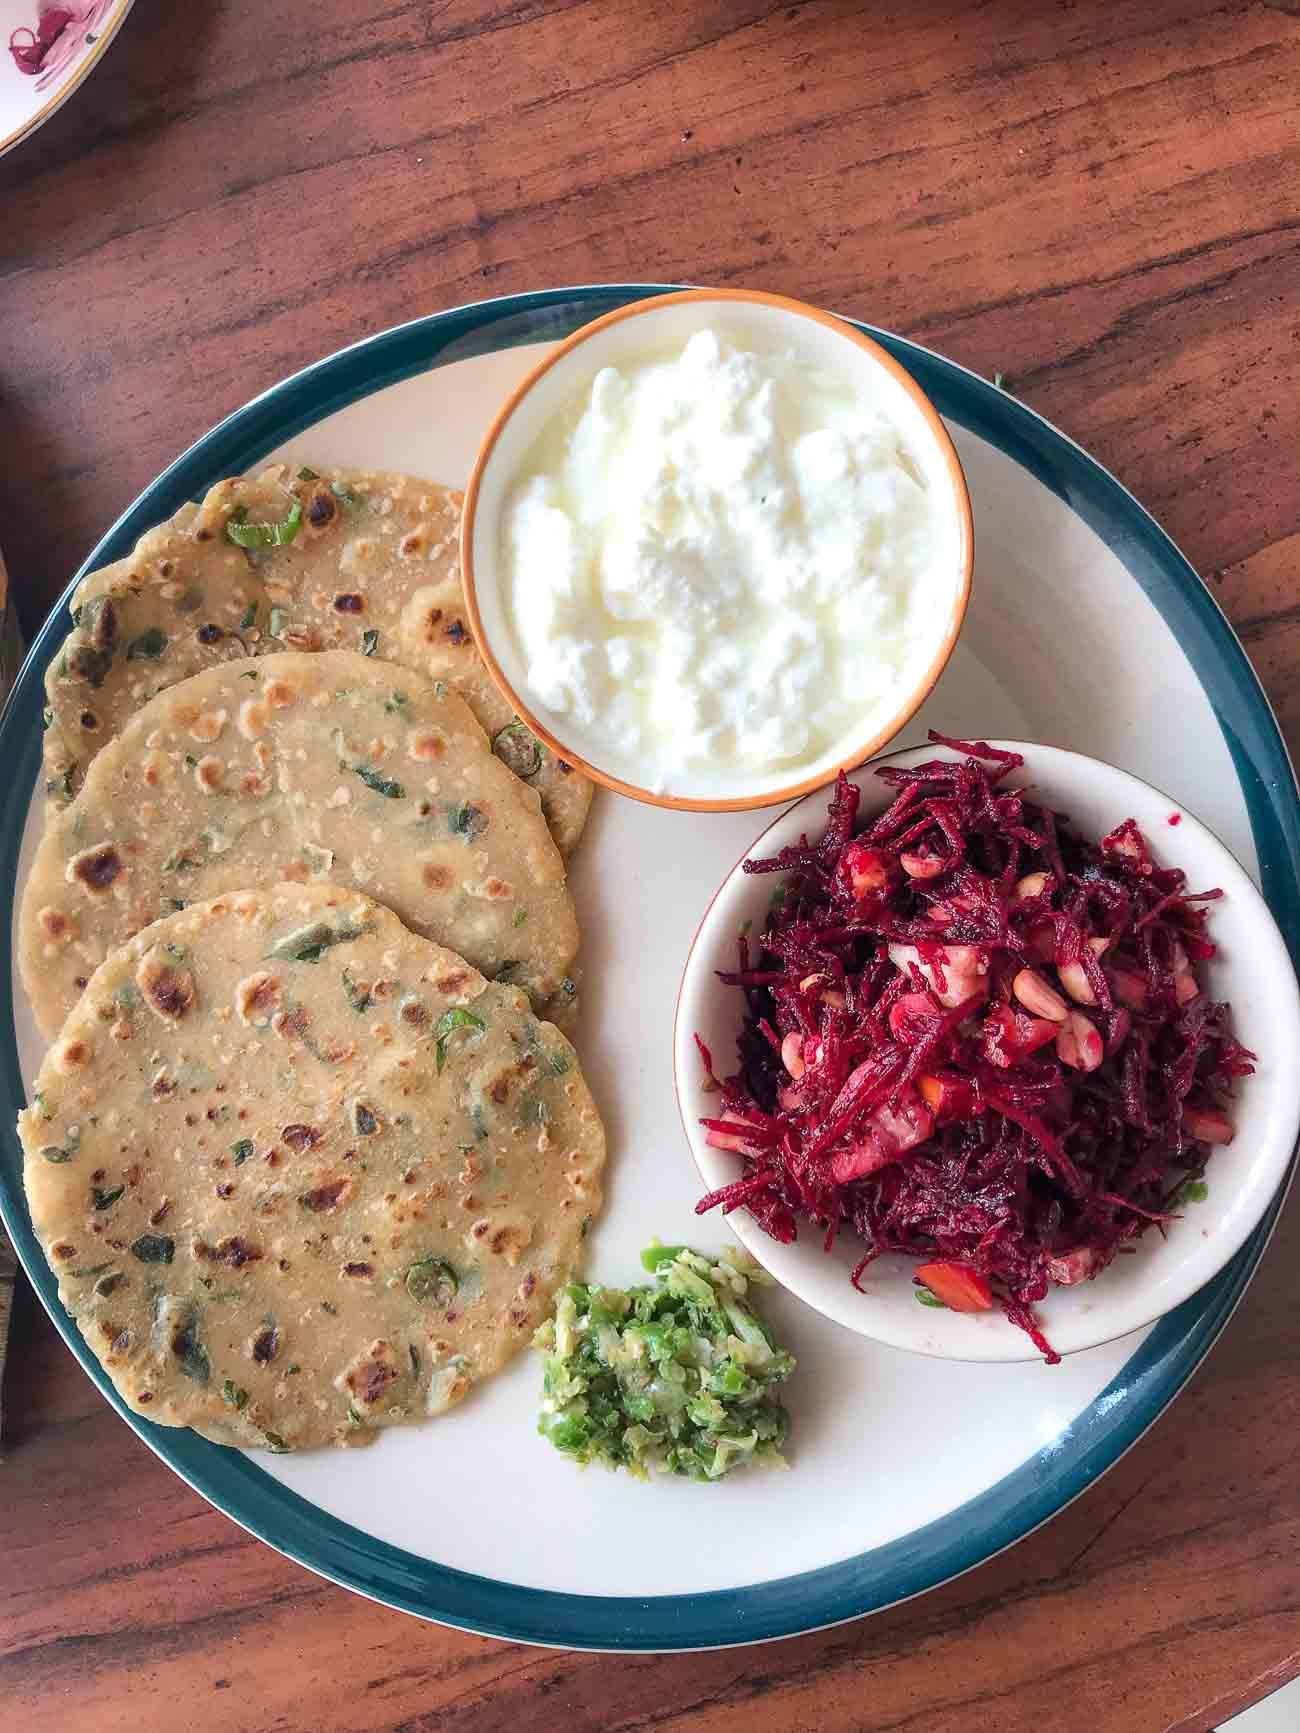 Everyday meal plate methi thalipeeth green chilli thecha and everyday meal plate methi thalipeeth green chilli thecha and beetroot salad forumfinder Gallery